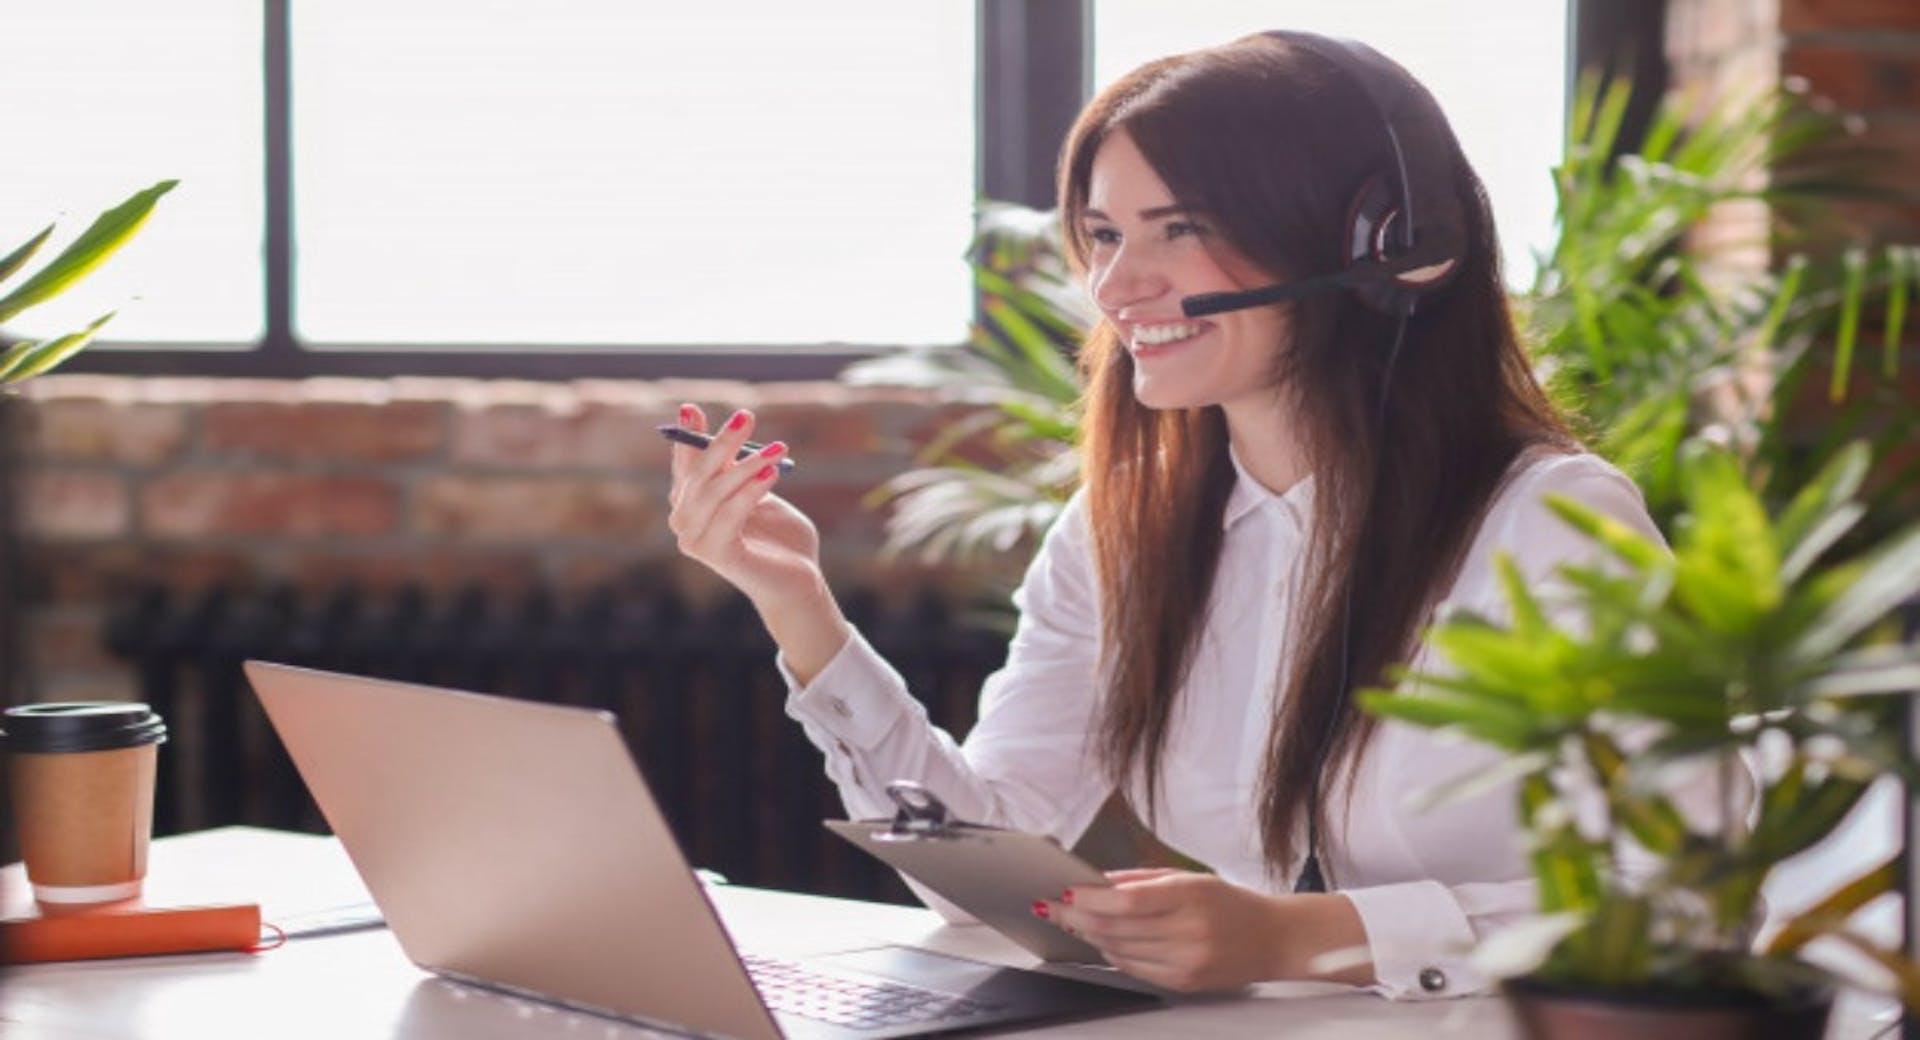 Frases de servicio al cliente: conoce la clave para mantener satisfechos a los usuarios